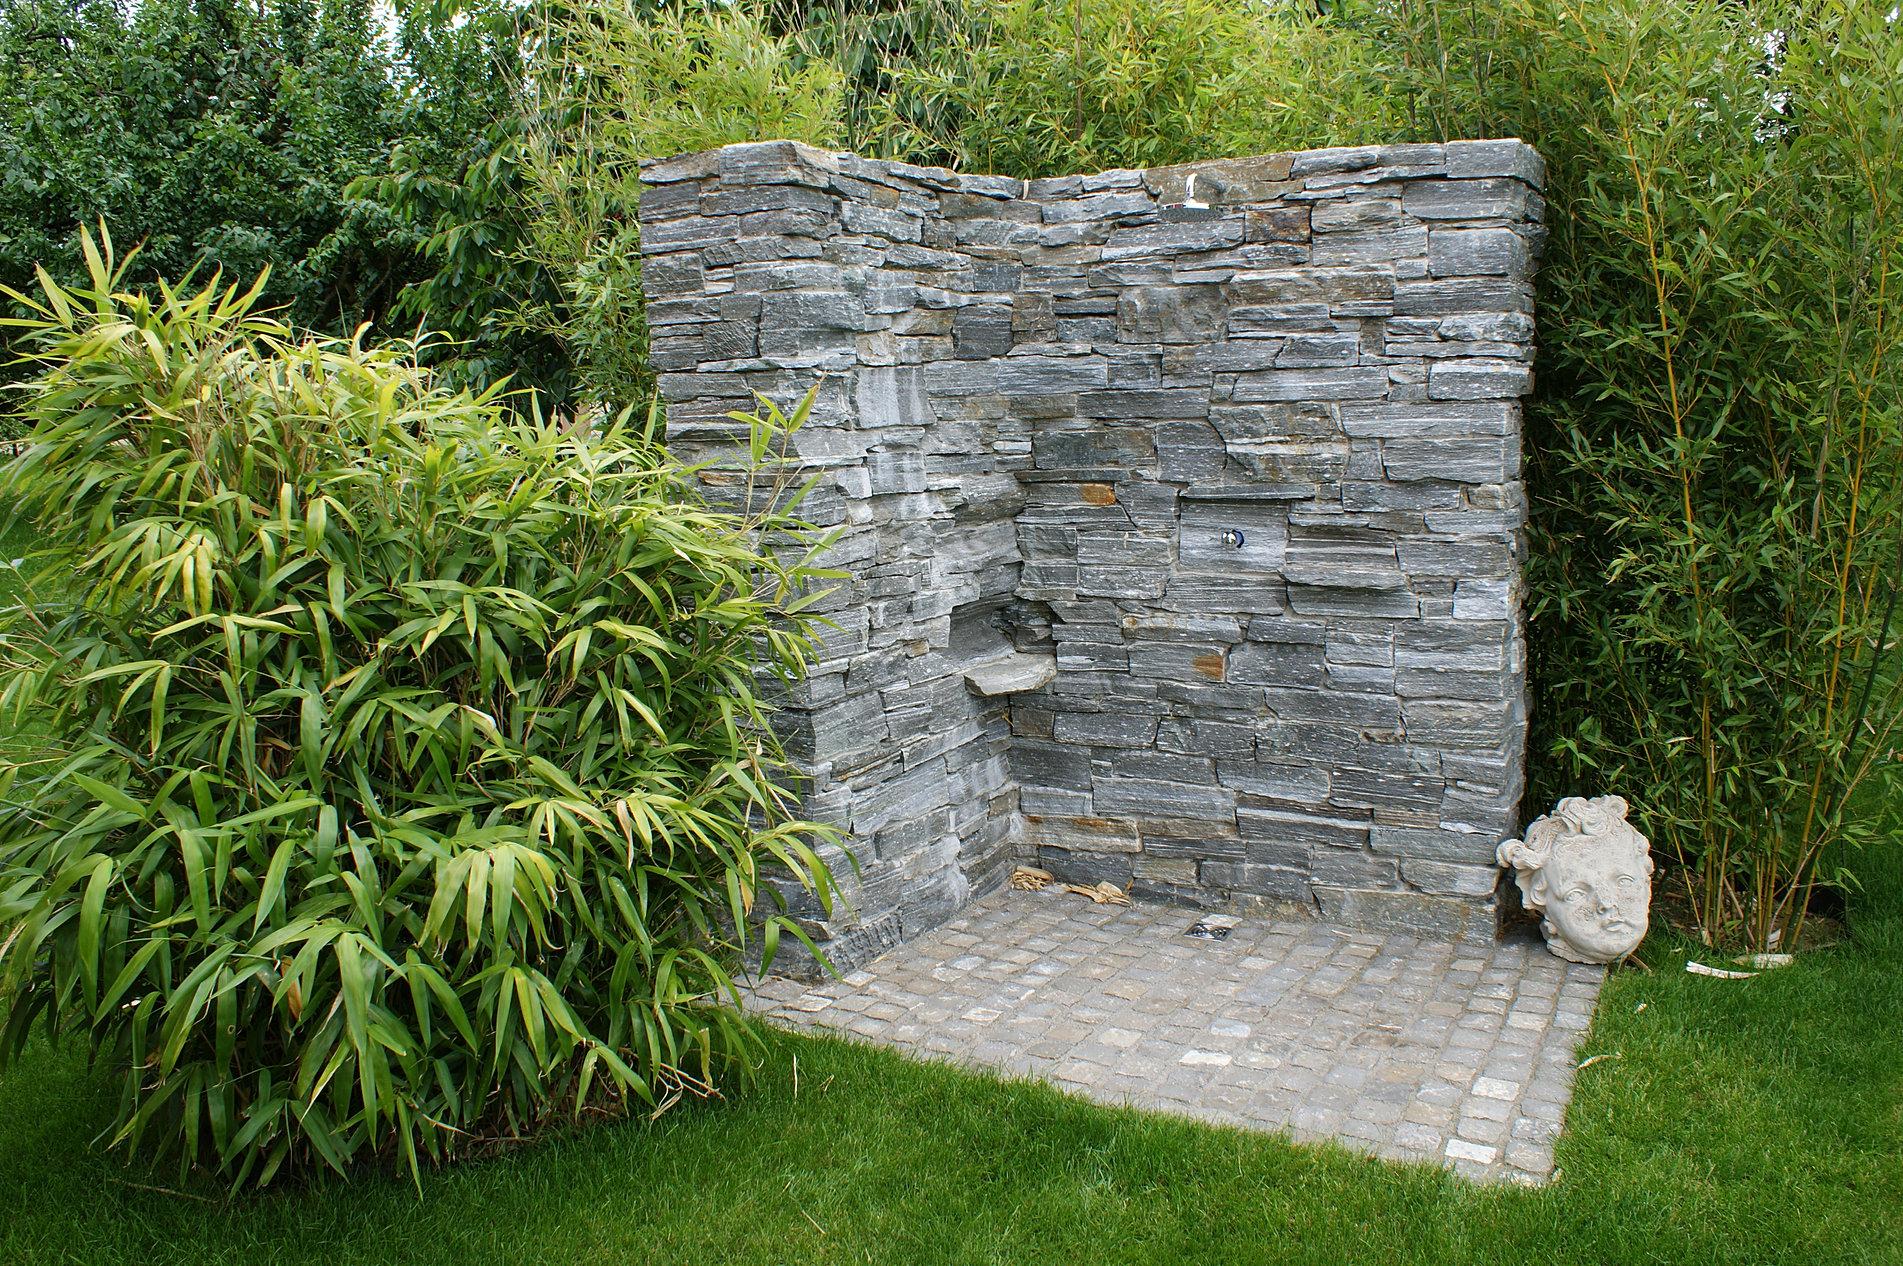 Steinmauern steinplatten steinwege im garten - Steinplatten garten ...